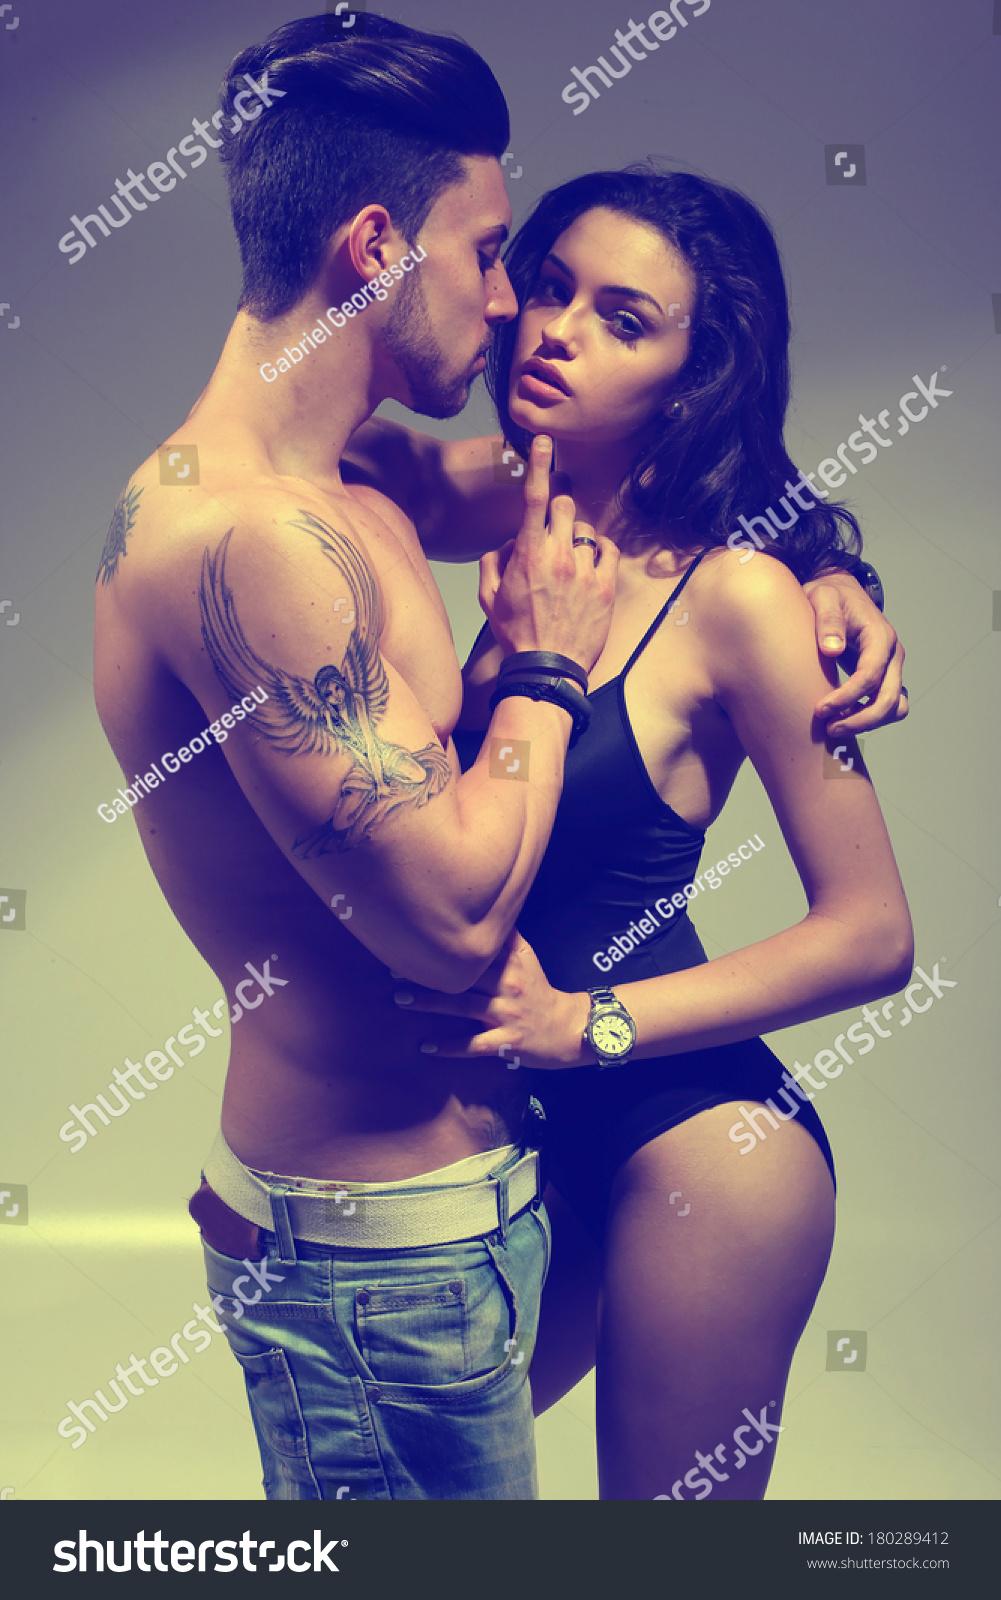 happy-sexual-intercourse